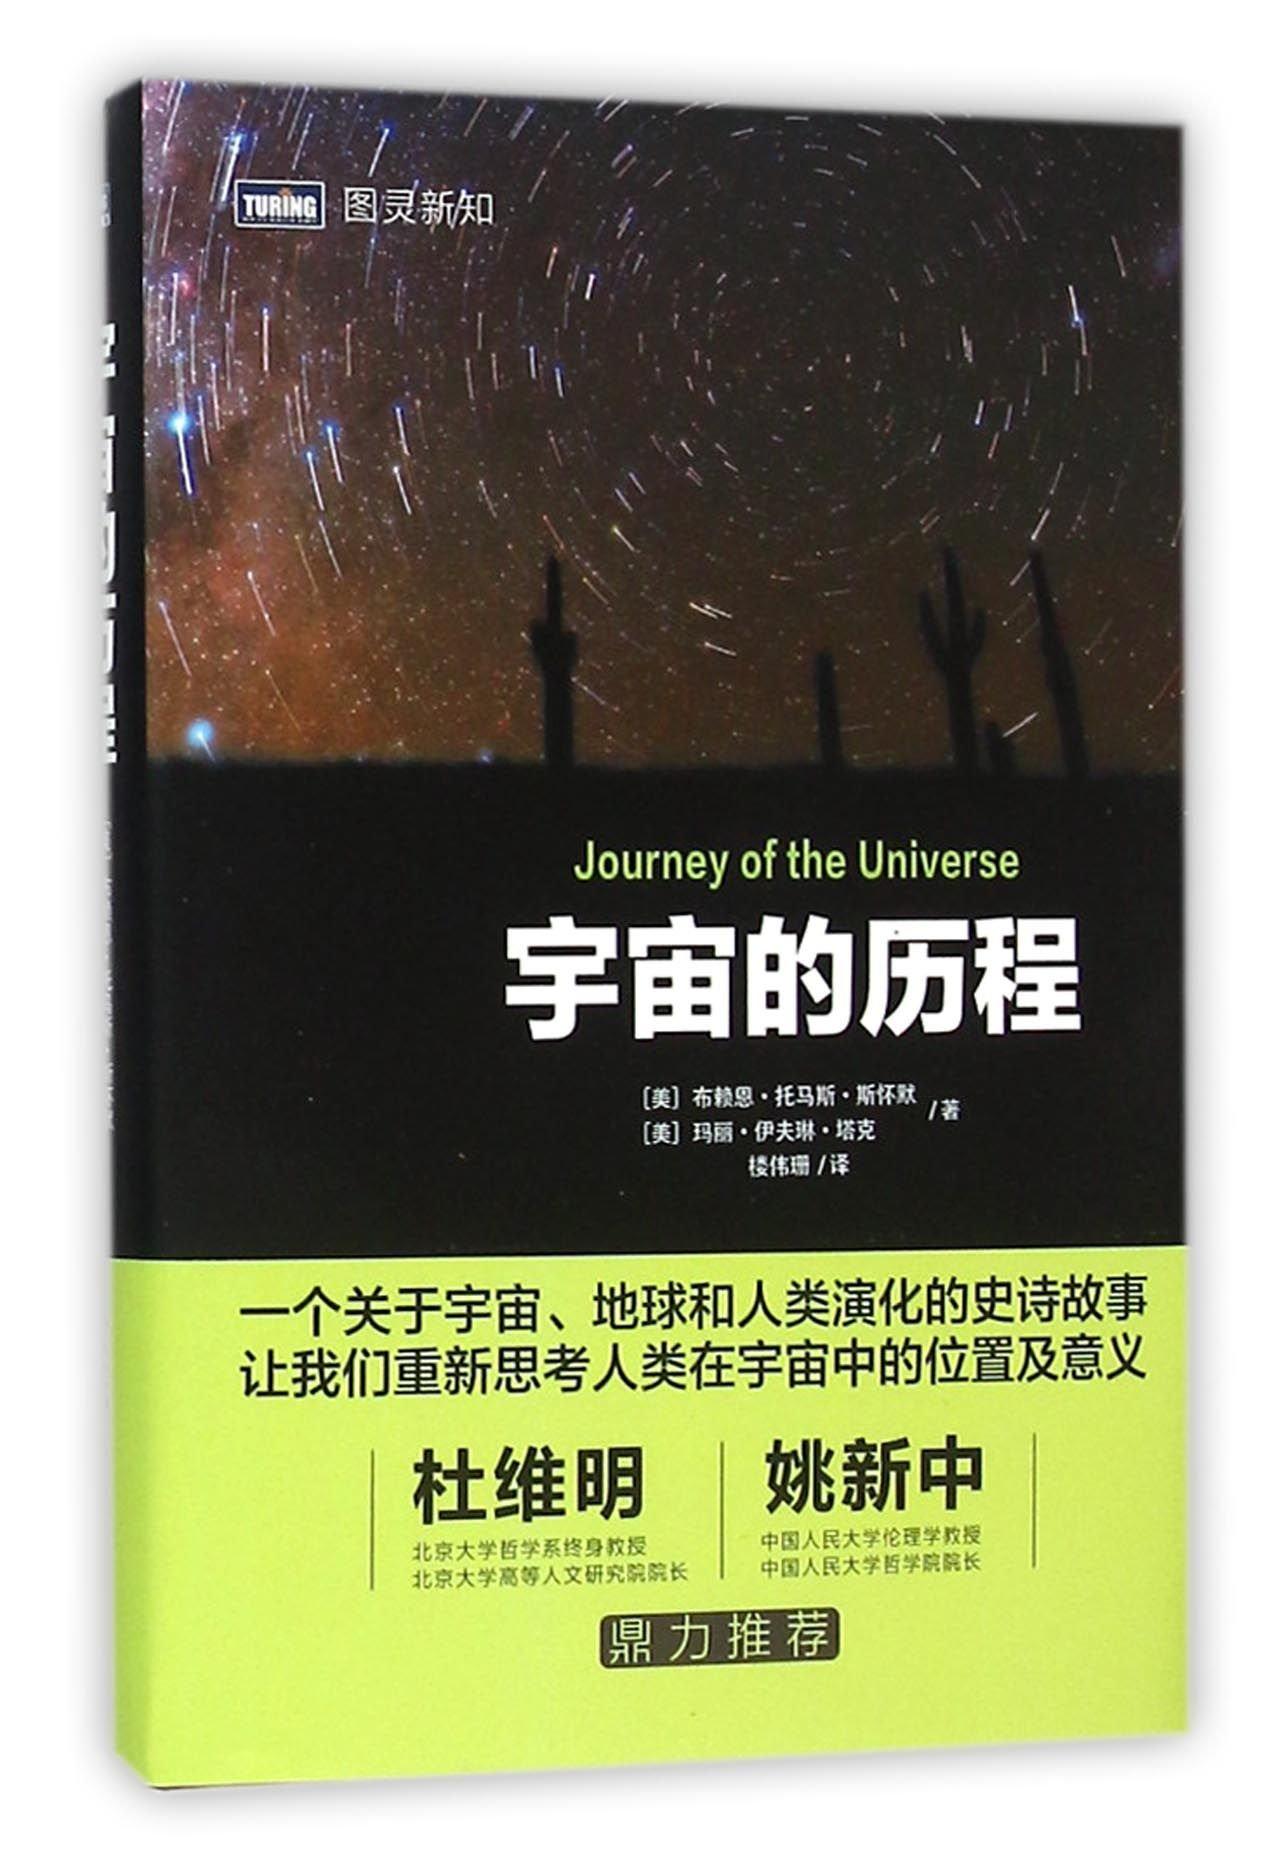 宇宙的历程- 斯怀默 塔克 电子书推荐分享 第1张